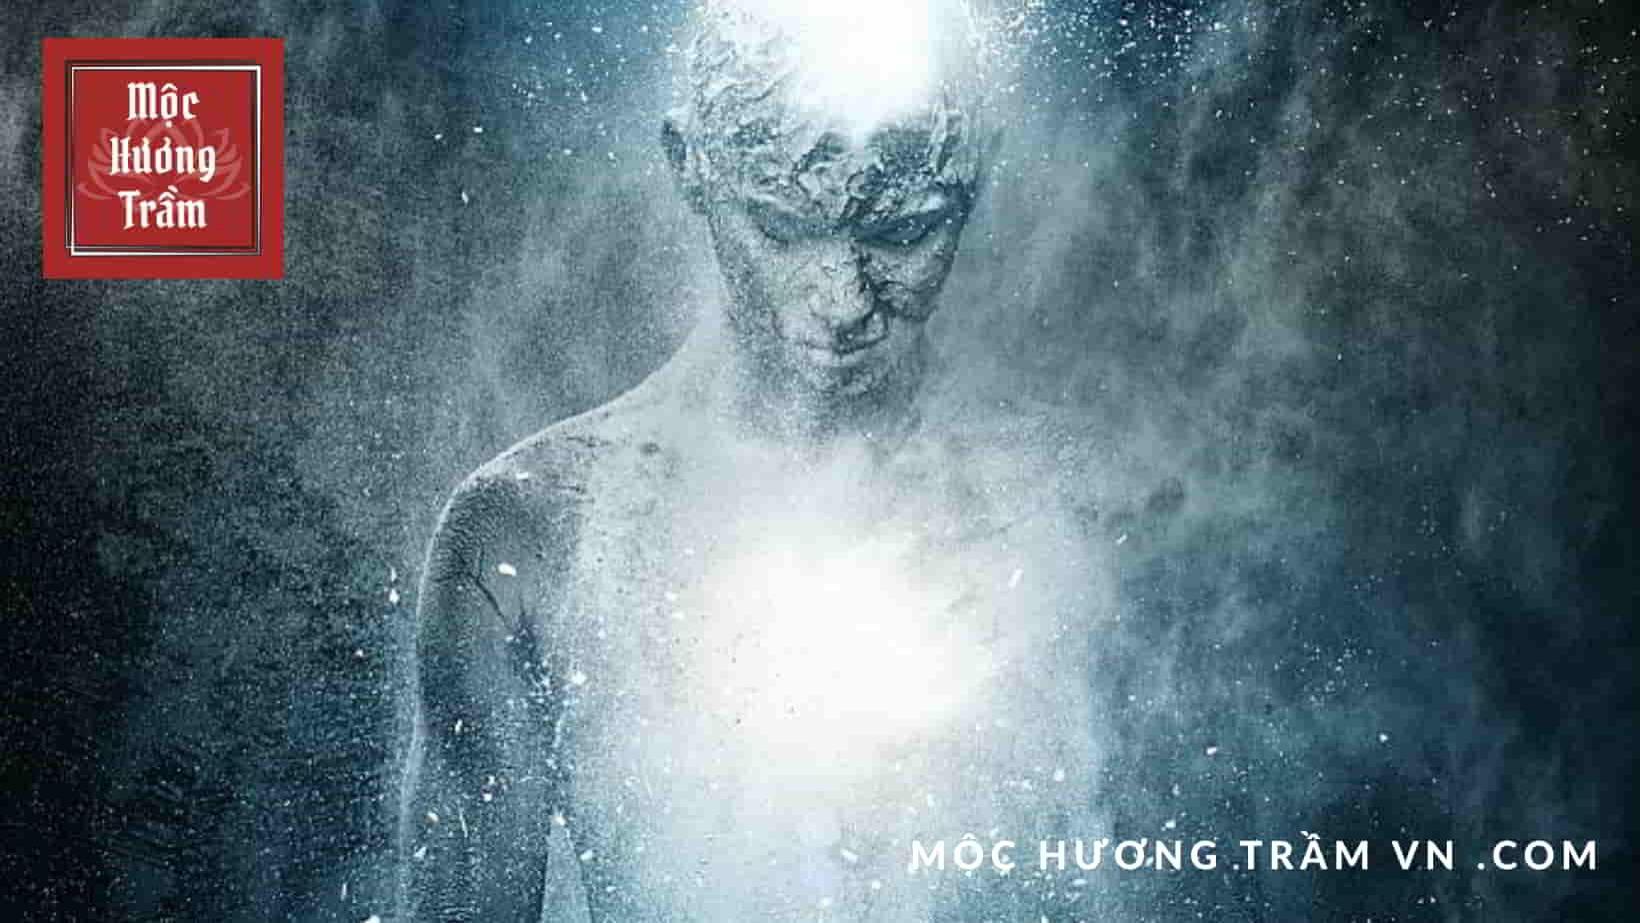 Linh hồn con người là một quá trình lượng tử